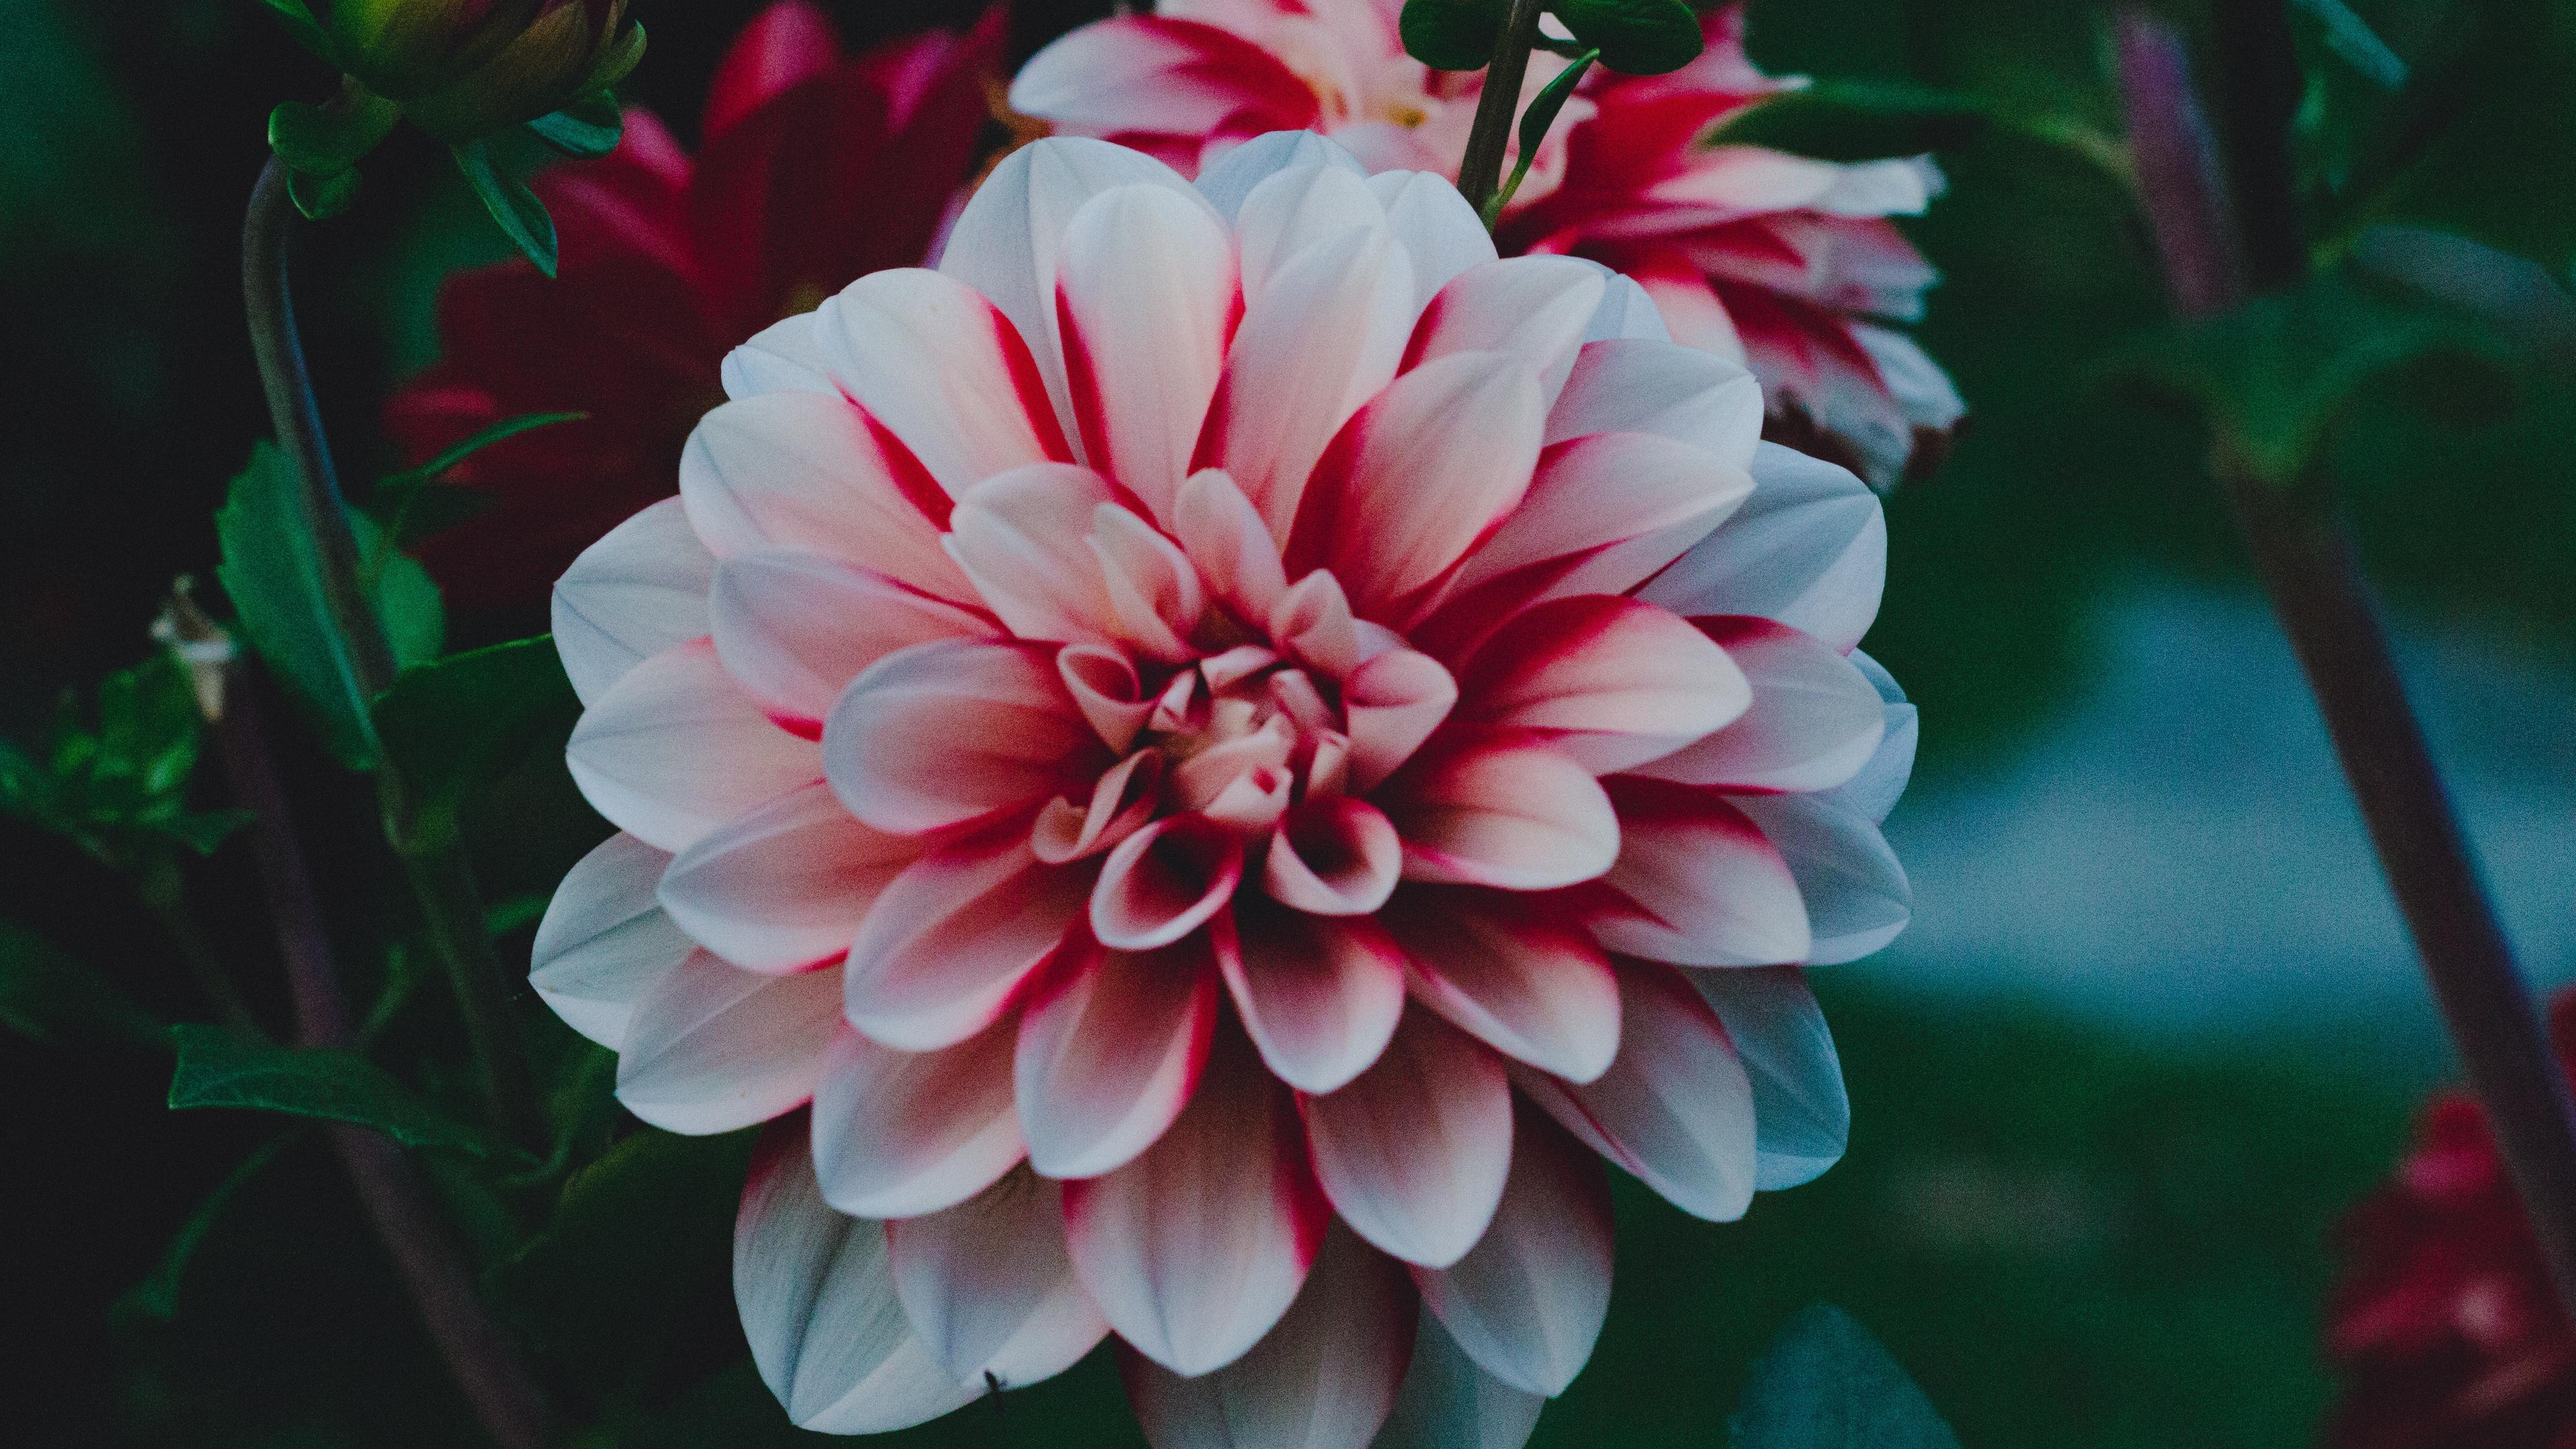 dahlia dahlia rebeccas world bud petals 4k 1540065032 - dahlia, dahlia rebeccas world, bud, petals 4k - dahlia rebeccas world, Dahlia, bud